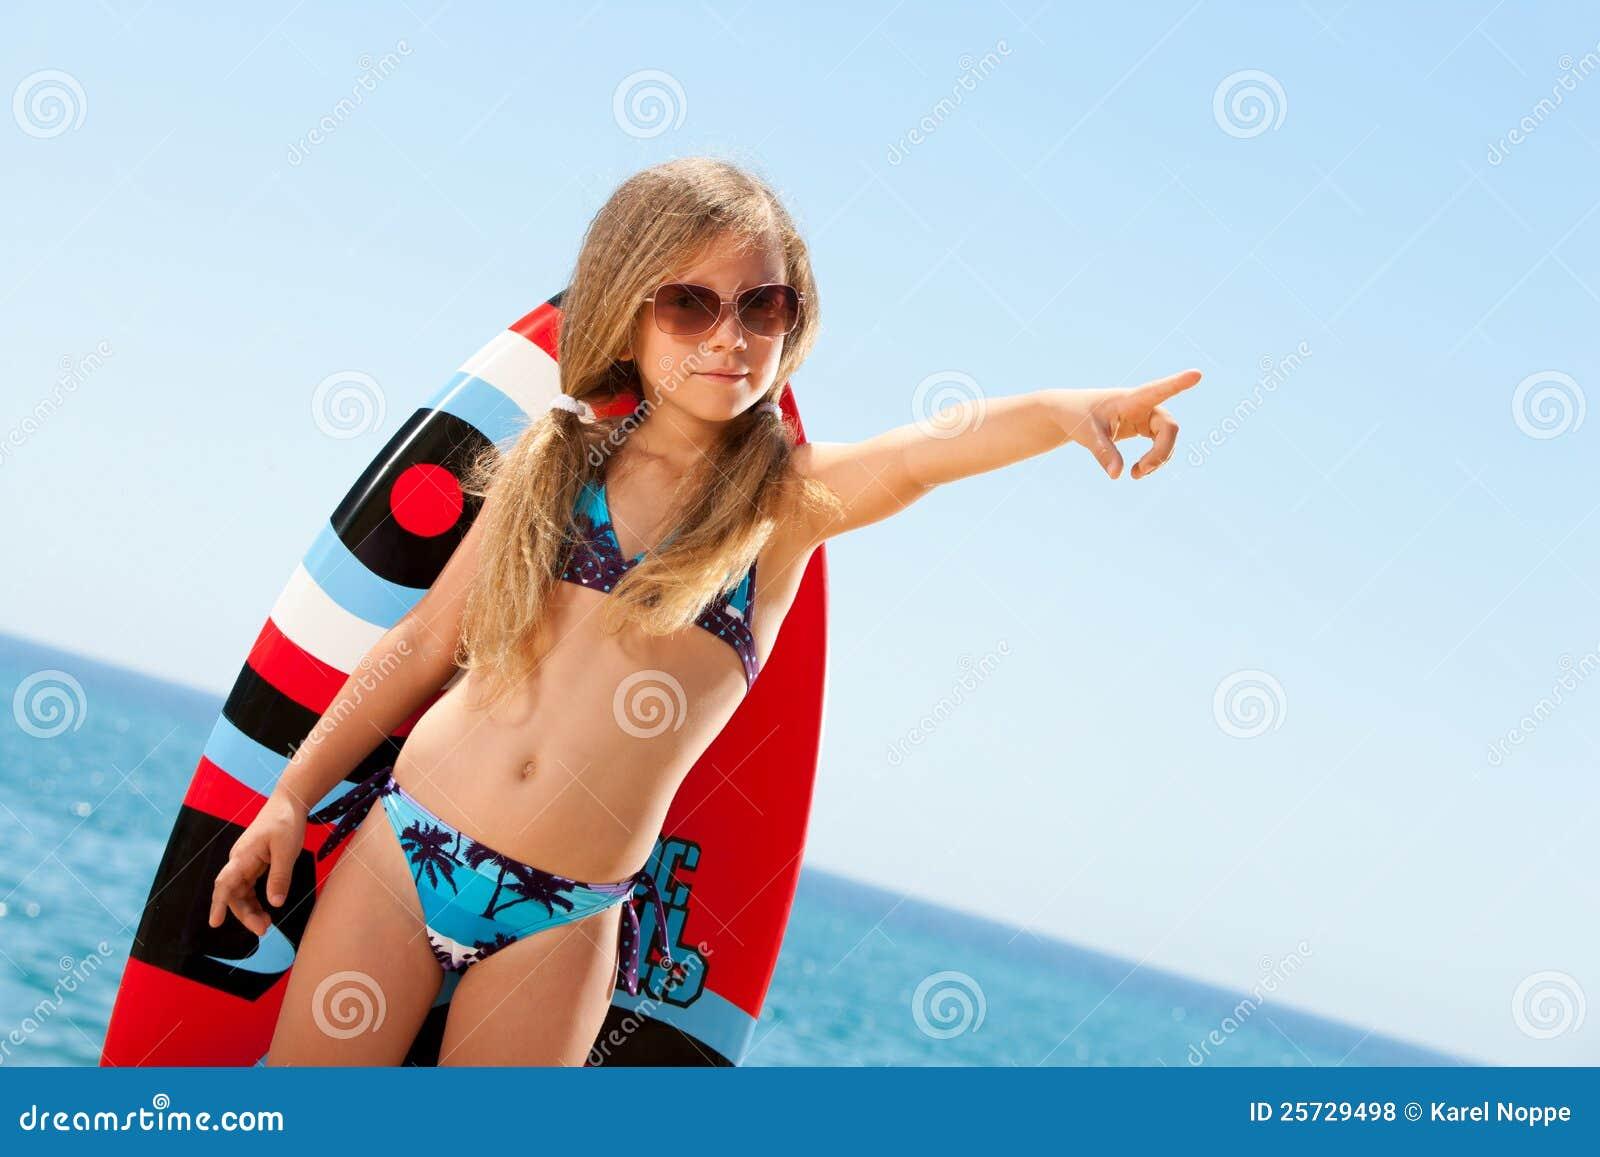 Nettes Mädchen im Bikini draußen zeigend mit dem Finger.